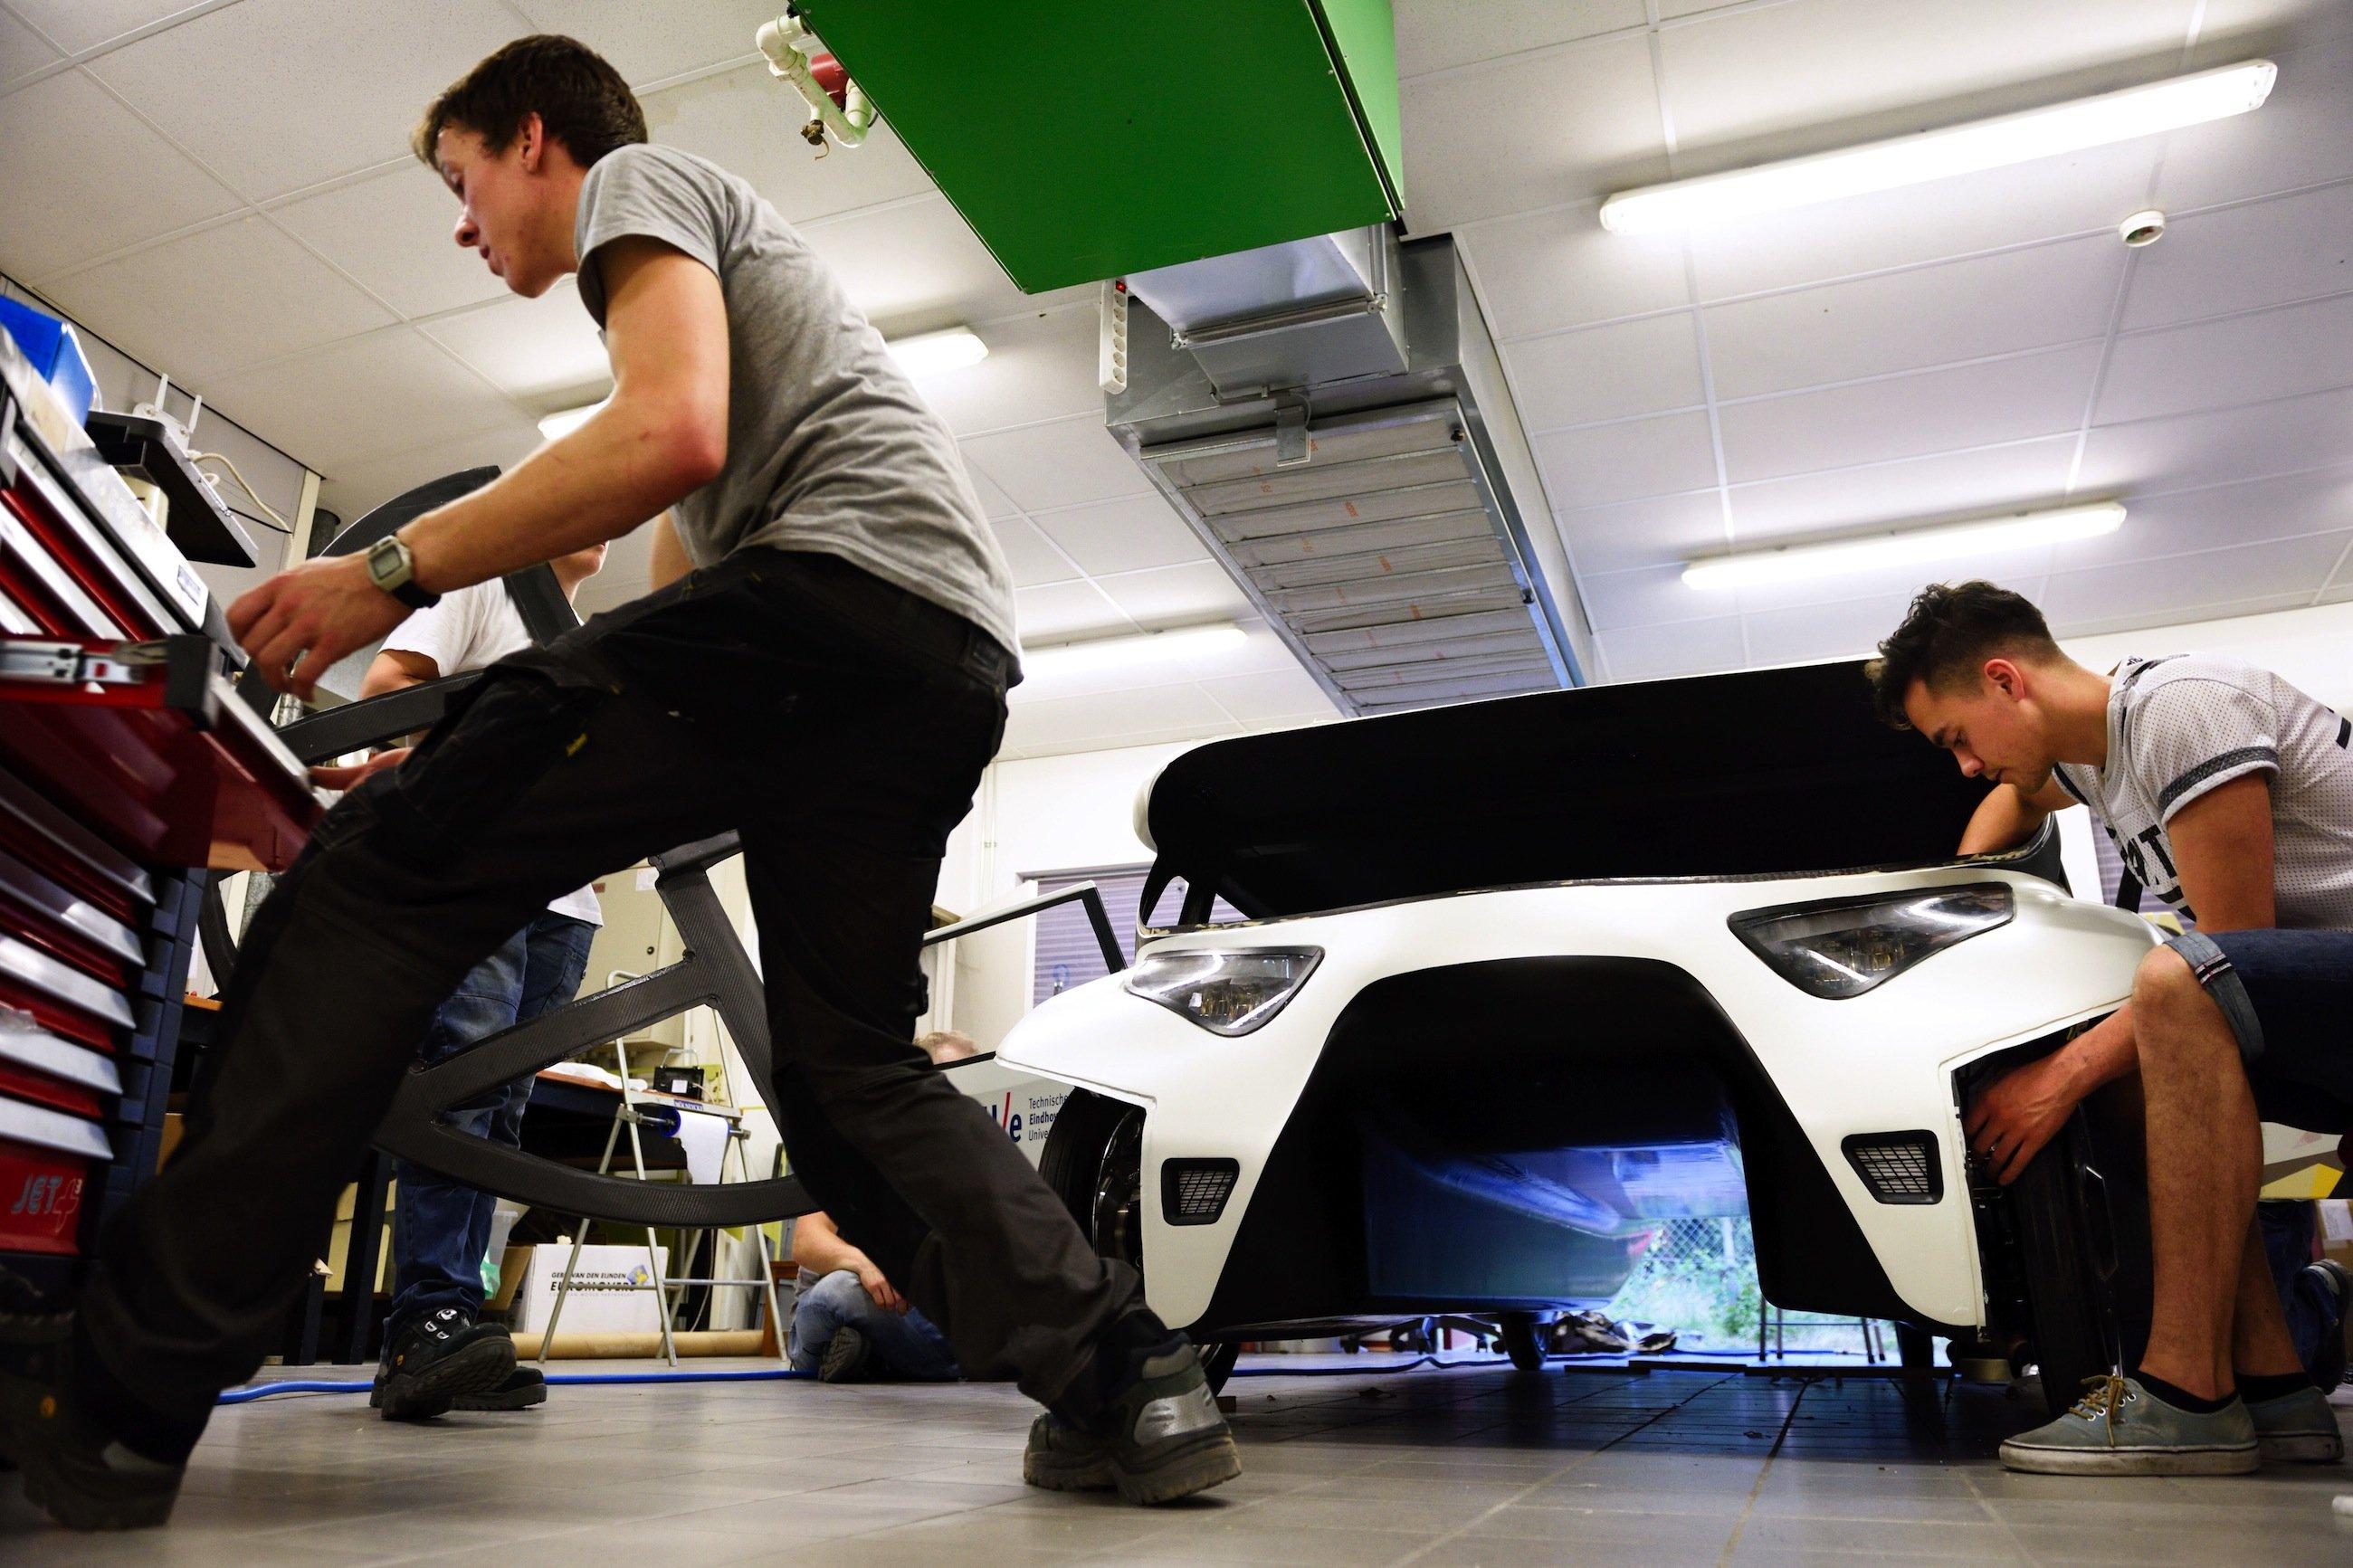 Das Elektroauto Stella Lux erinnert wegen seiner Bauform an einen Katamaran.